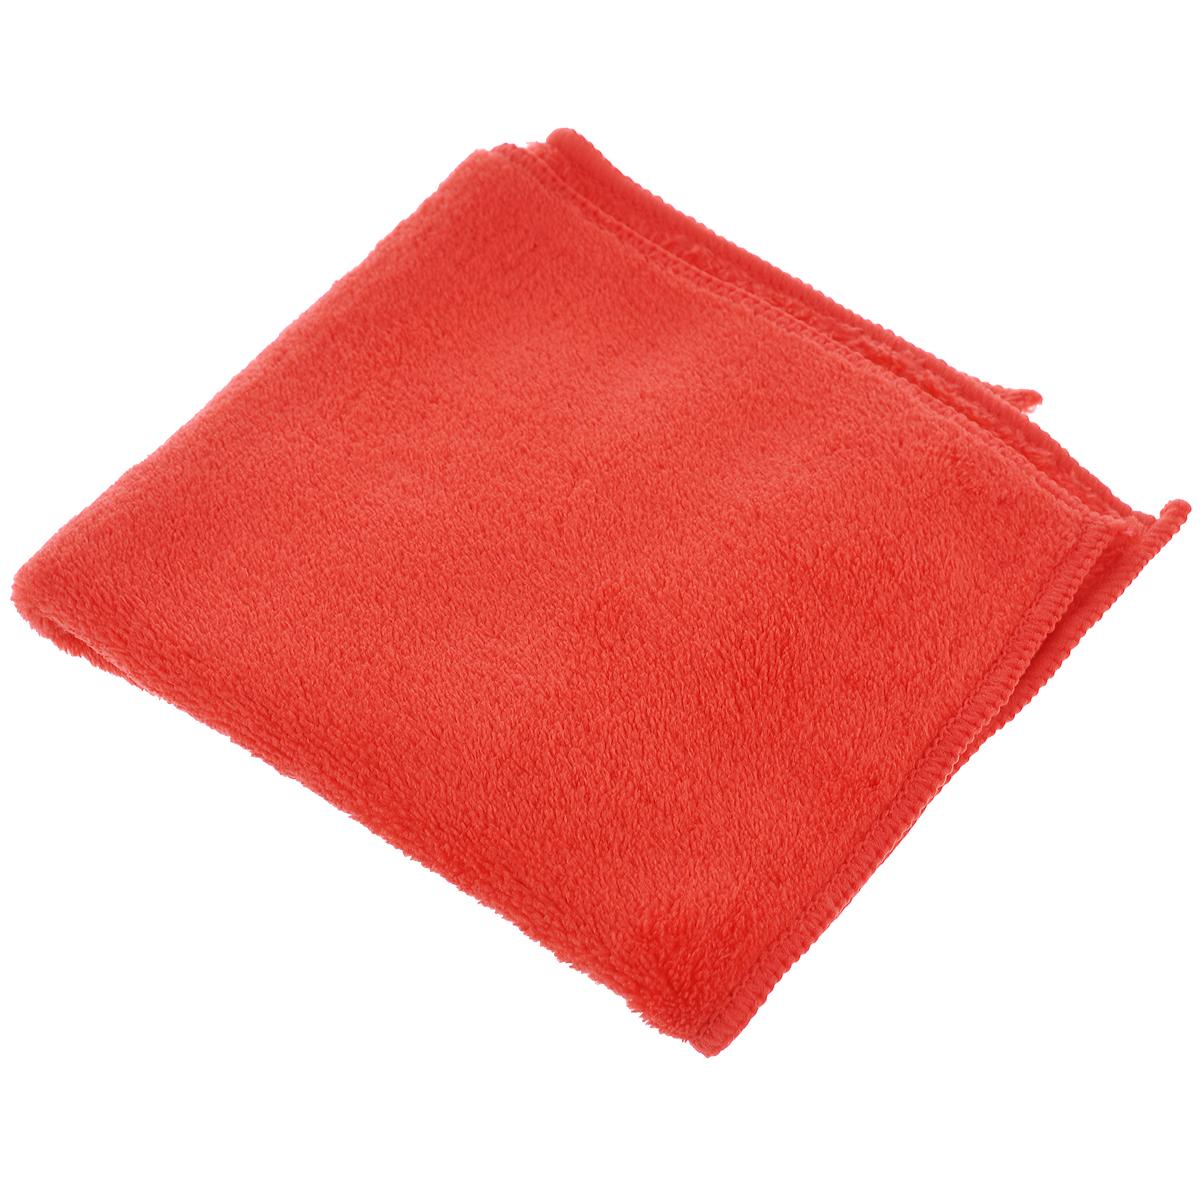 Салфетка для сухой уборки Celesta, из микрофибры, цвет: коралловый, 30 х 30 см4767_коралловыйСалфетка из микрофибры Celesta идеально подходит для сухой уборки, отлично очищает пыль на полированных поверхностях. После обработки салфеткой поверхность становится антистатической и пыль в дальнейшем на нее осаждается меньше. Состав: полиэстер 100%. Размер салфетки: 30 см х 30 см.